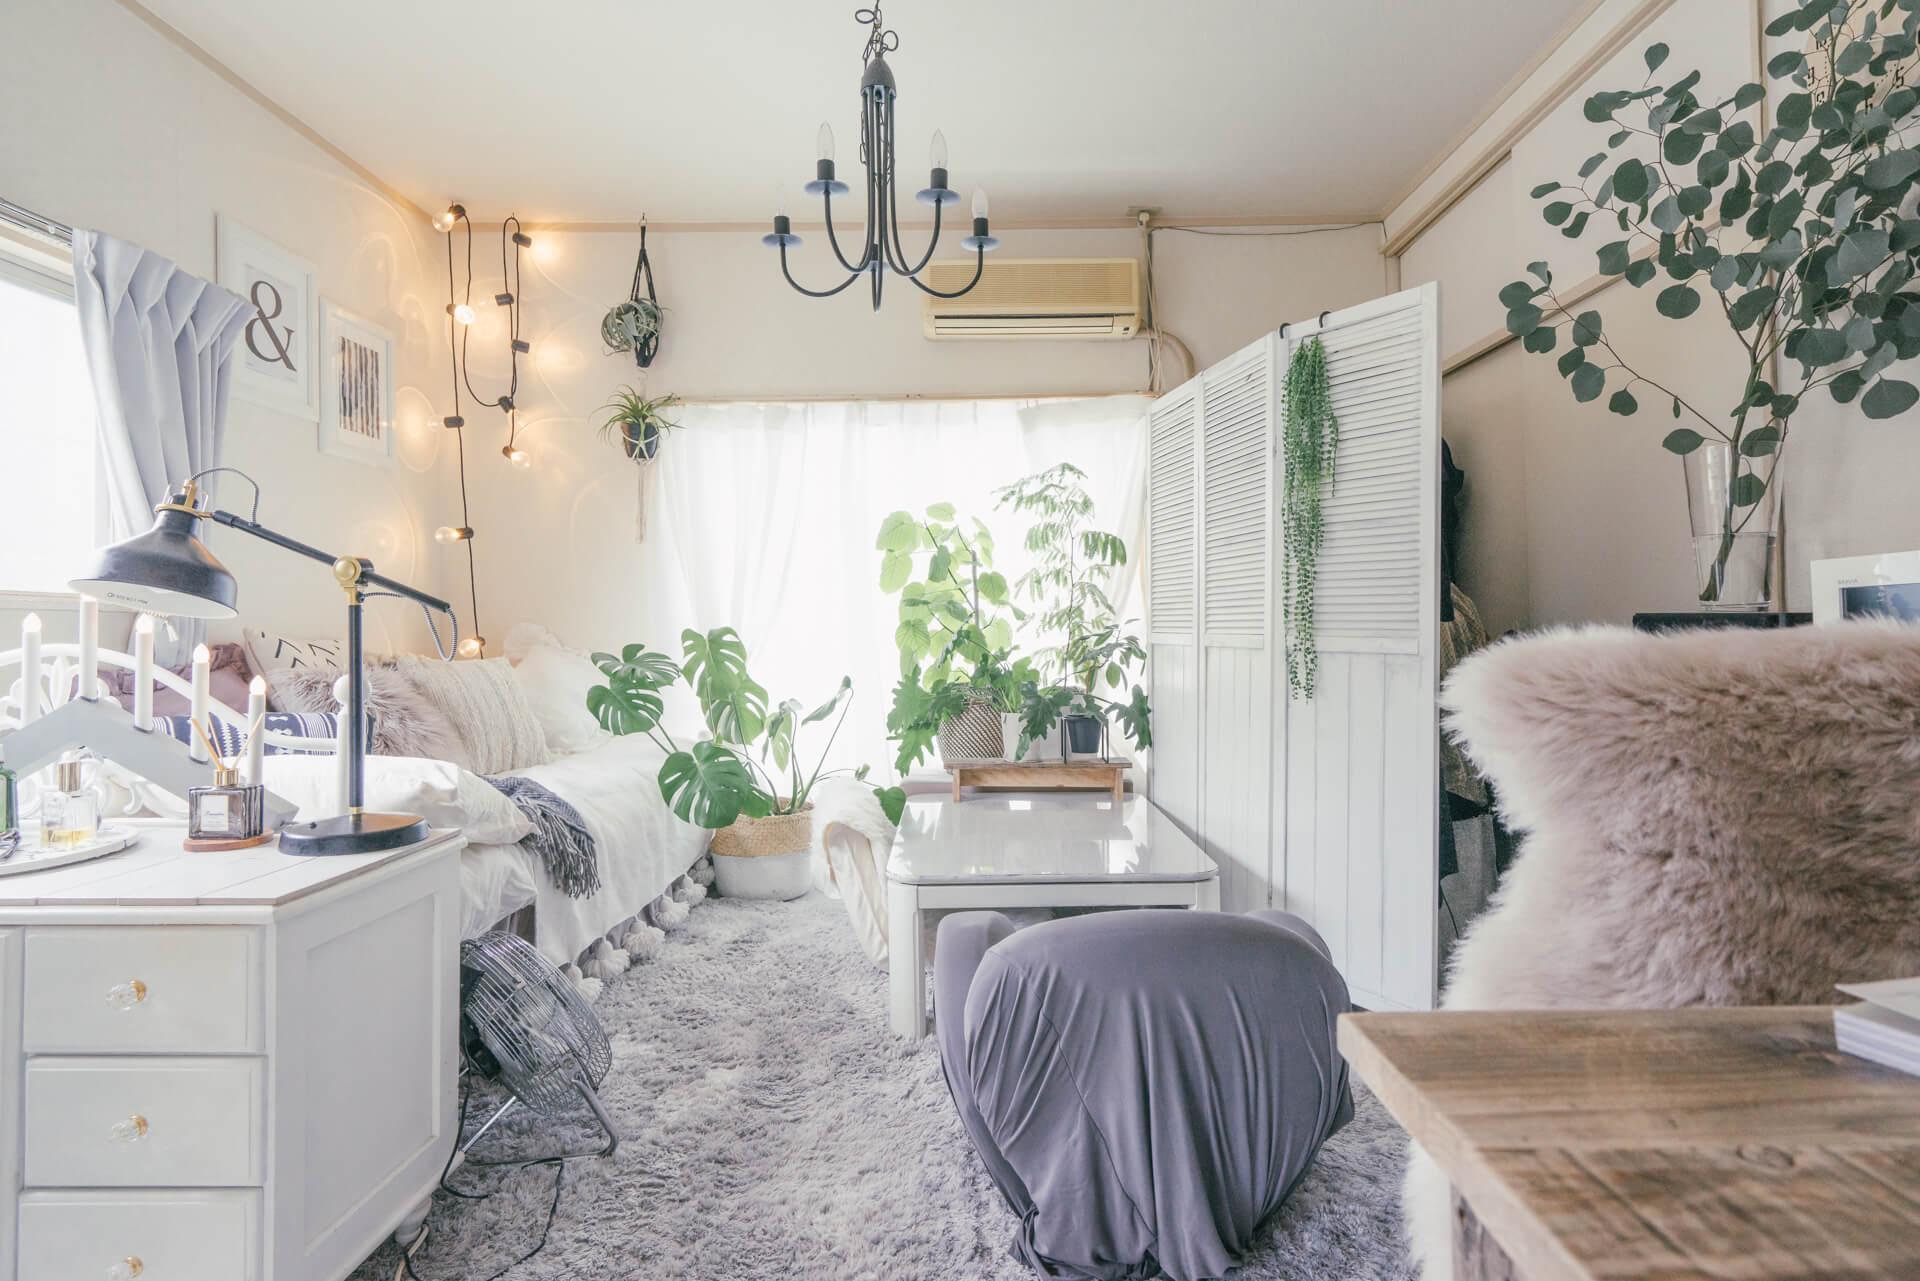 白を基調としたお部屋にナチュラルな雰囲気をちょっとプラスしてくれる、ストローバスケット。